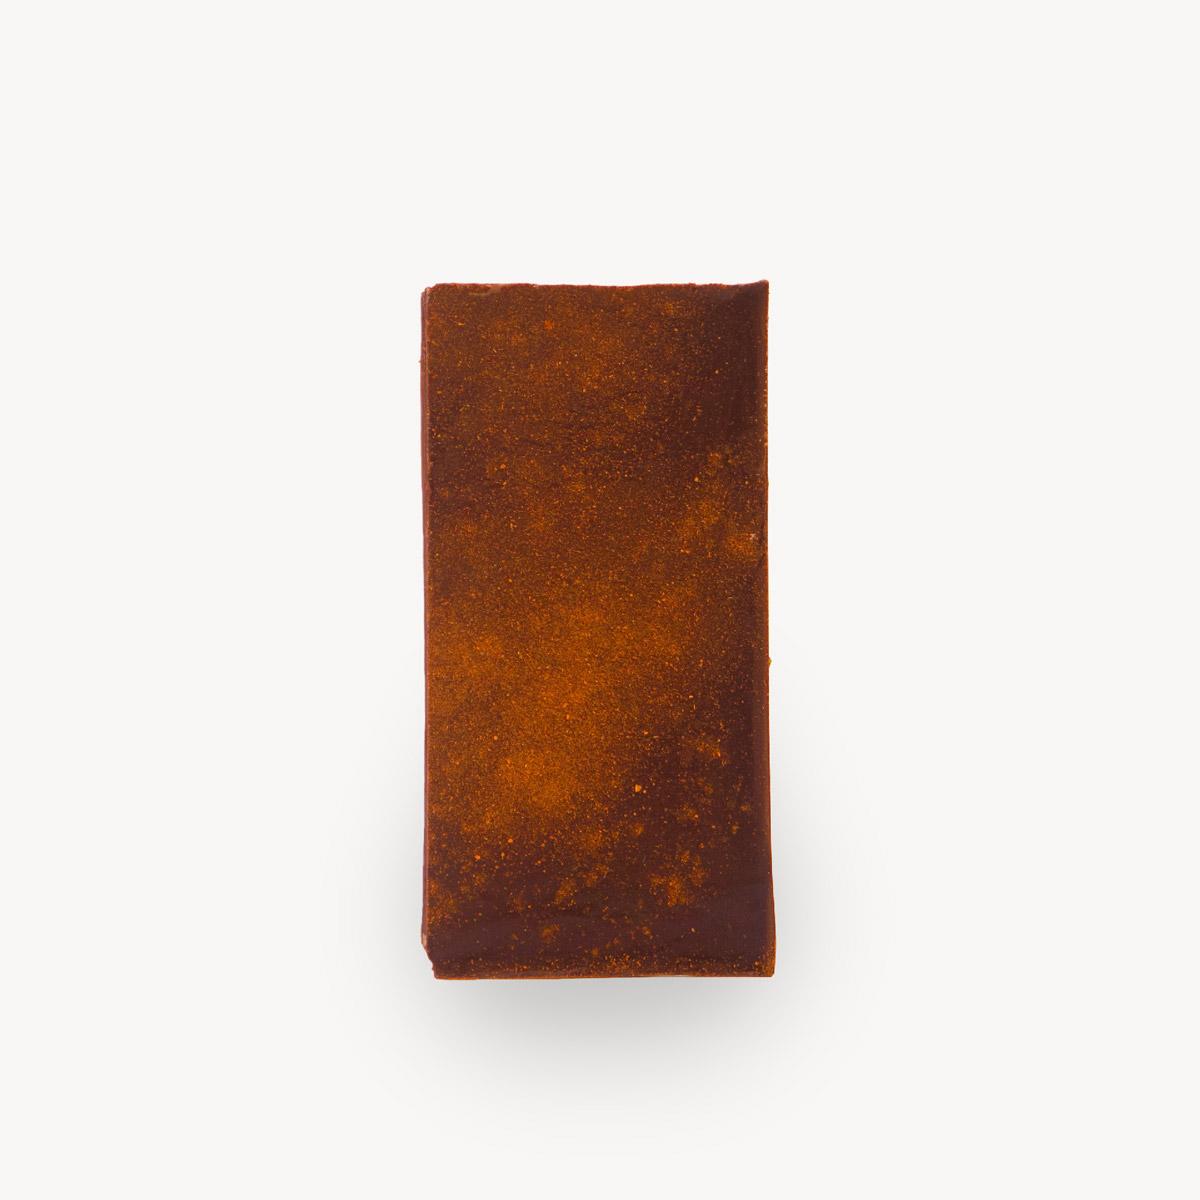 Σοκολάτα Sweet Spice, φωτογραφία προϊόντος χωρίς το περιτύλιγμα.